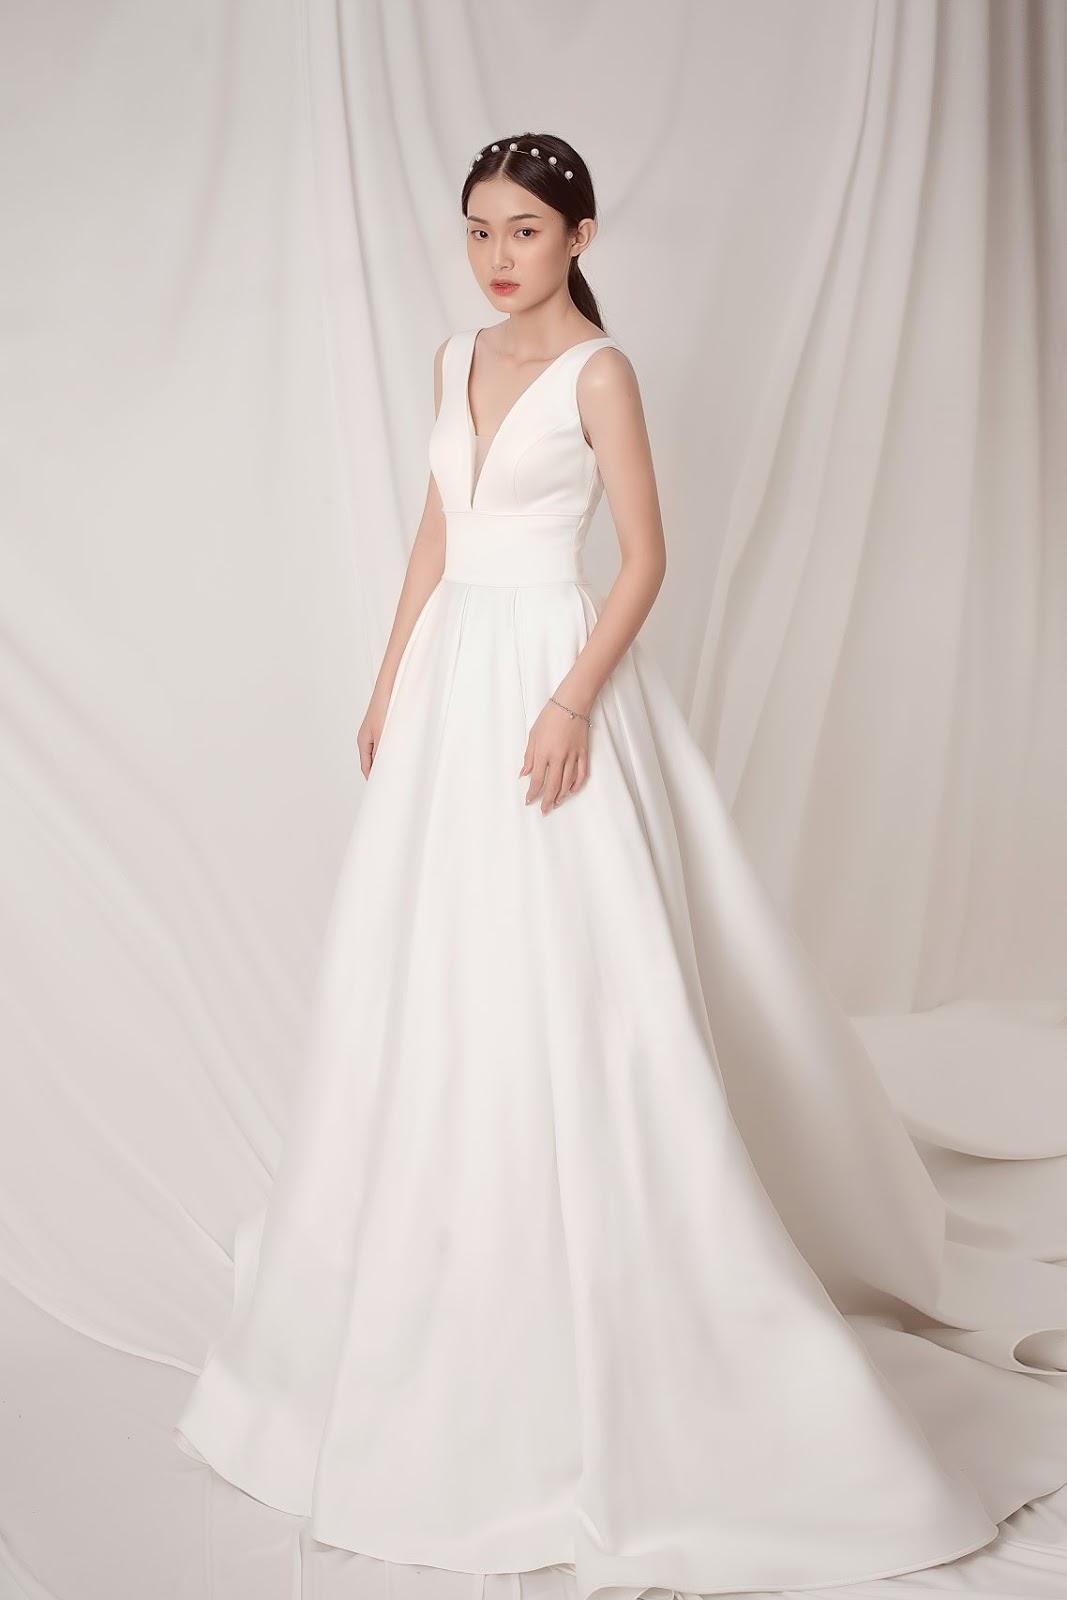 Cô dâu cần lưu ý tránh những kiểu dáng rườm rà khi chọn áo cưới